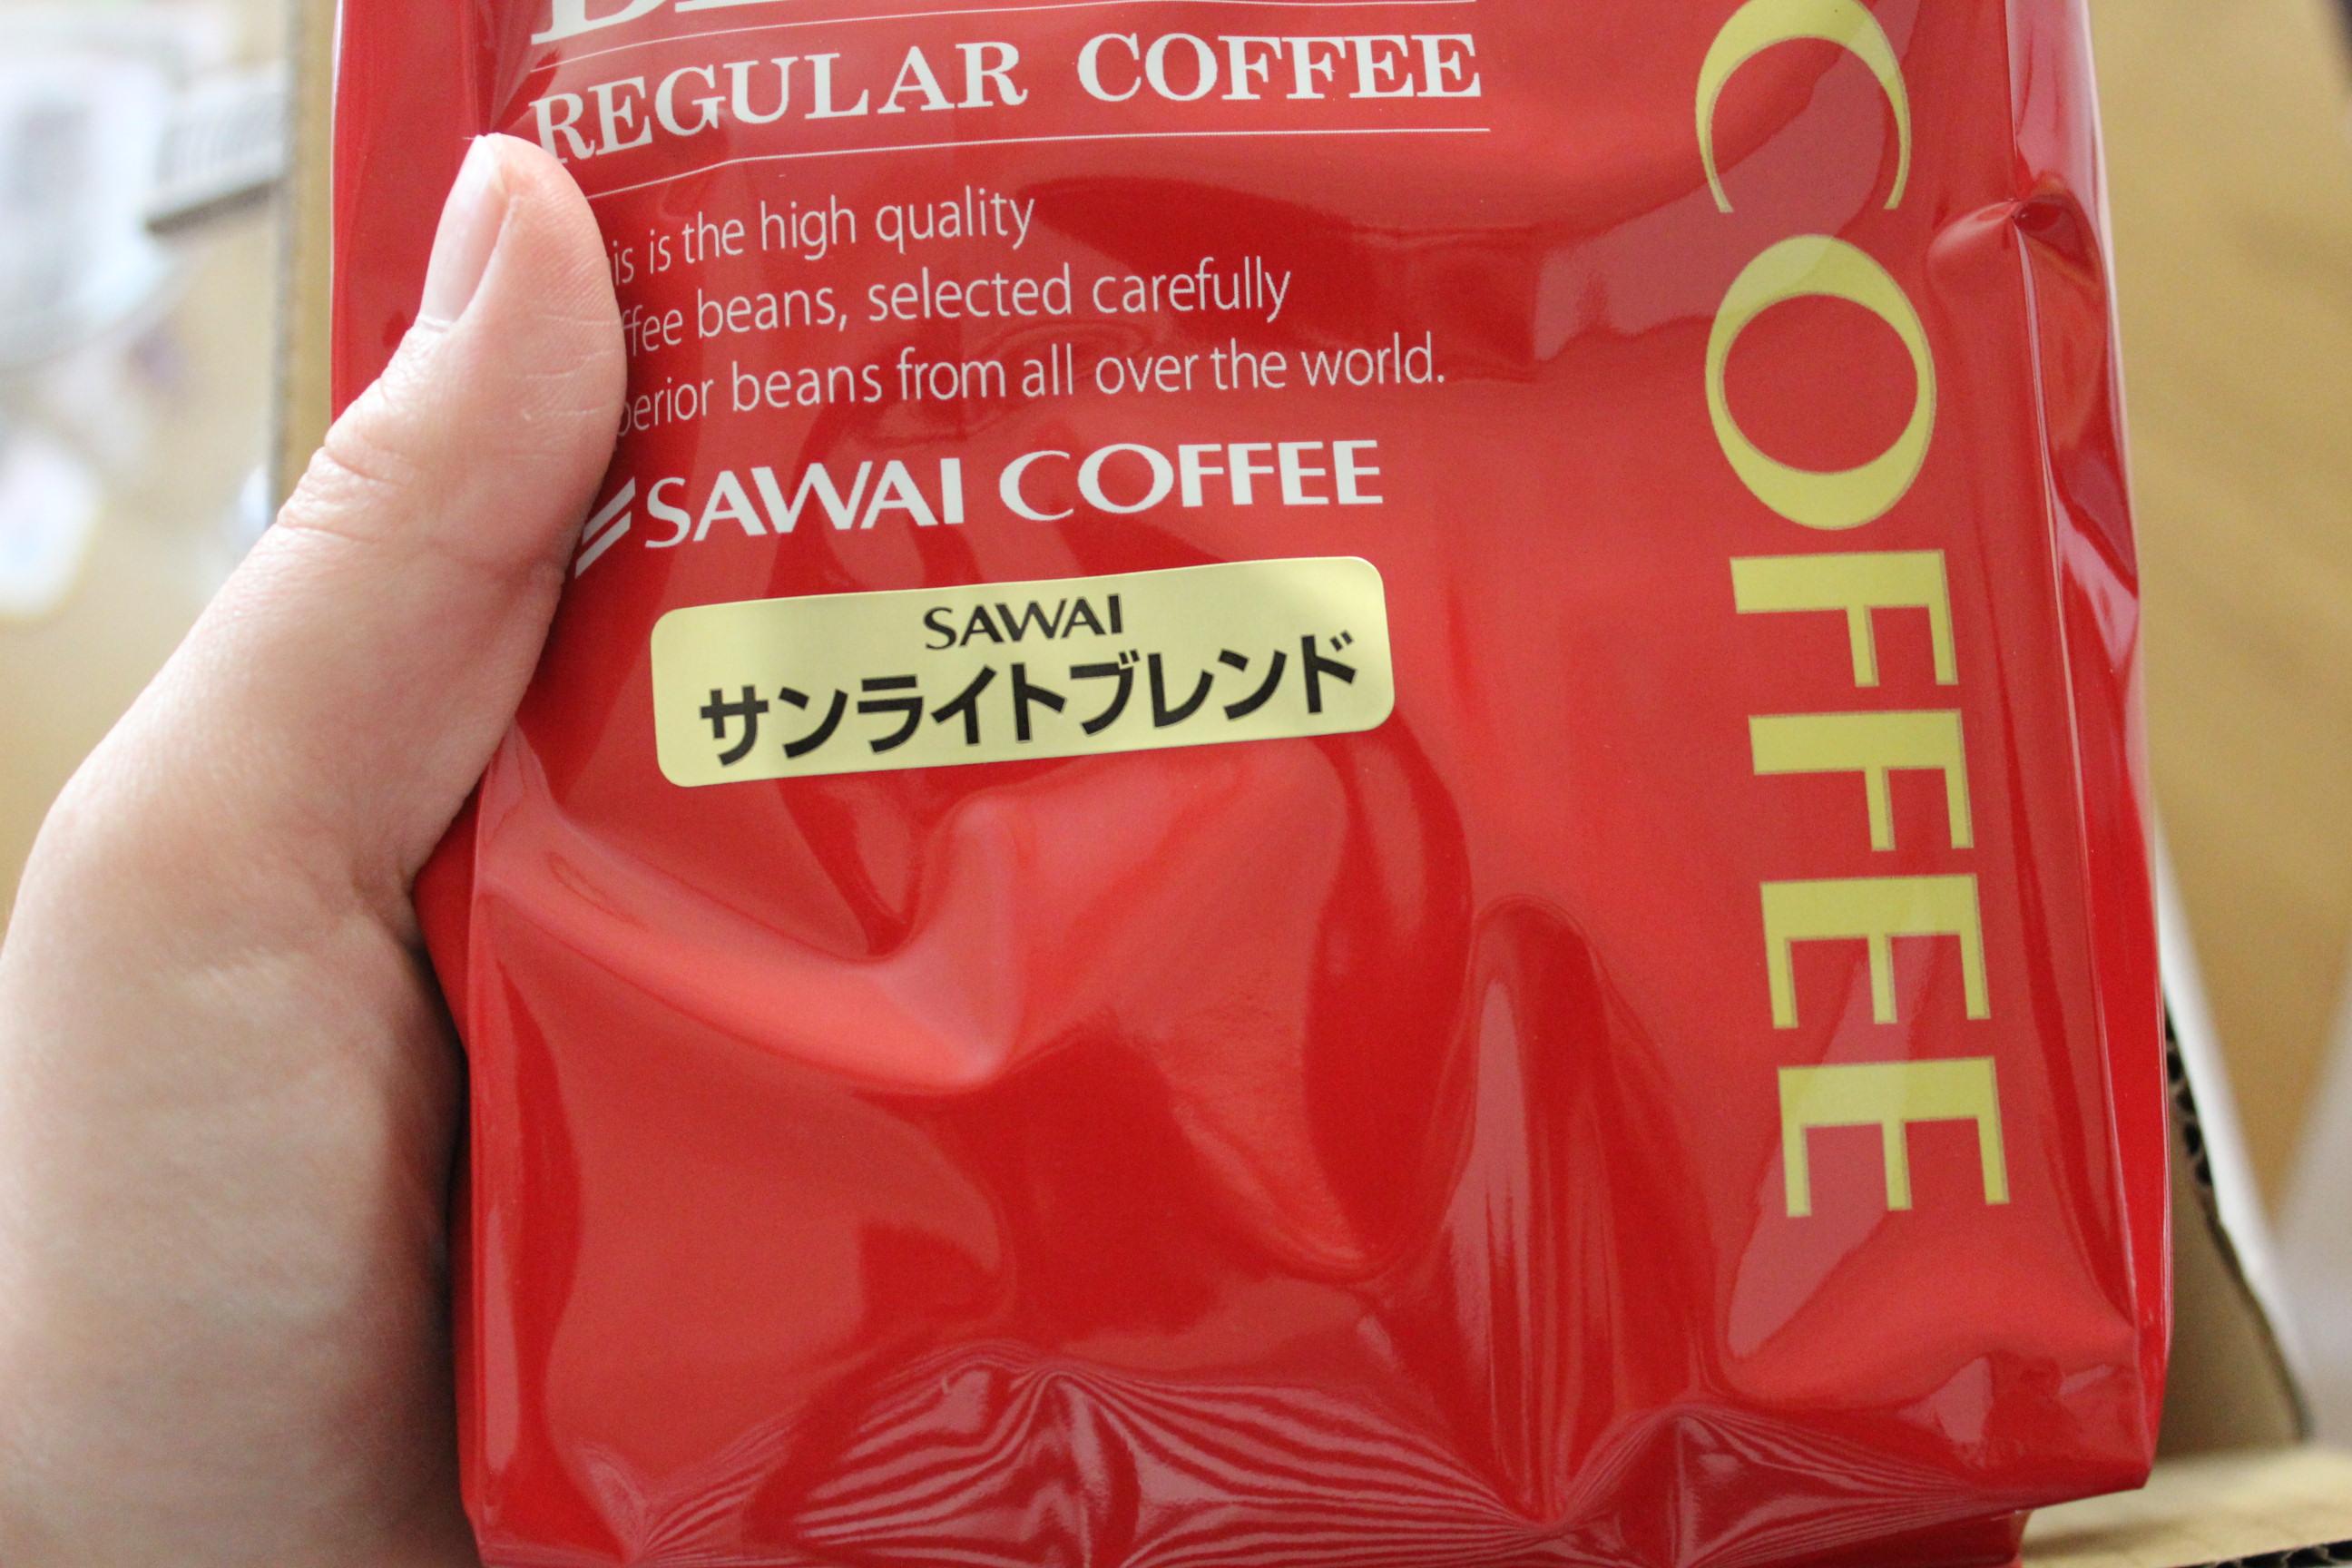 コーヒーは家でも十分美味しく飲める時代!正しいコーヒーマグボトルの選び方。